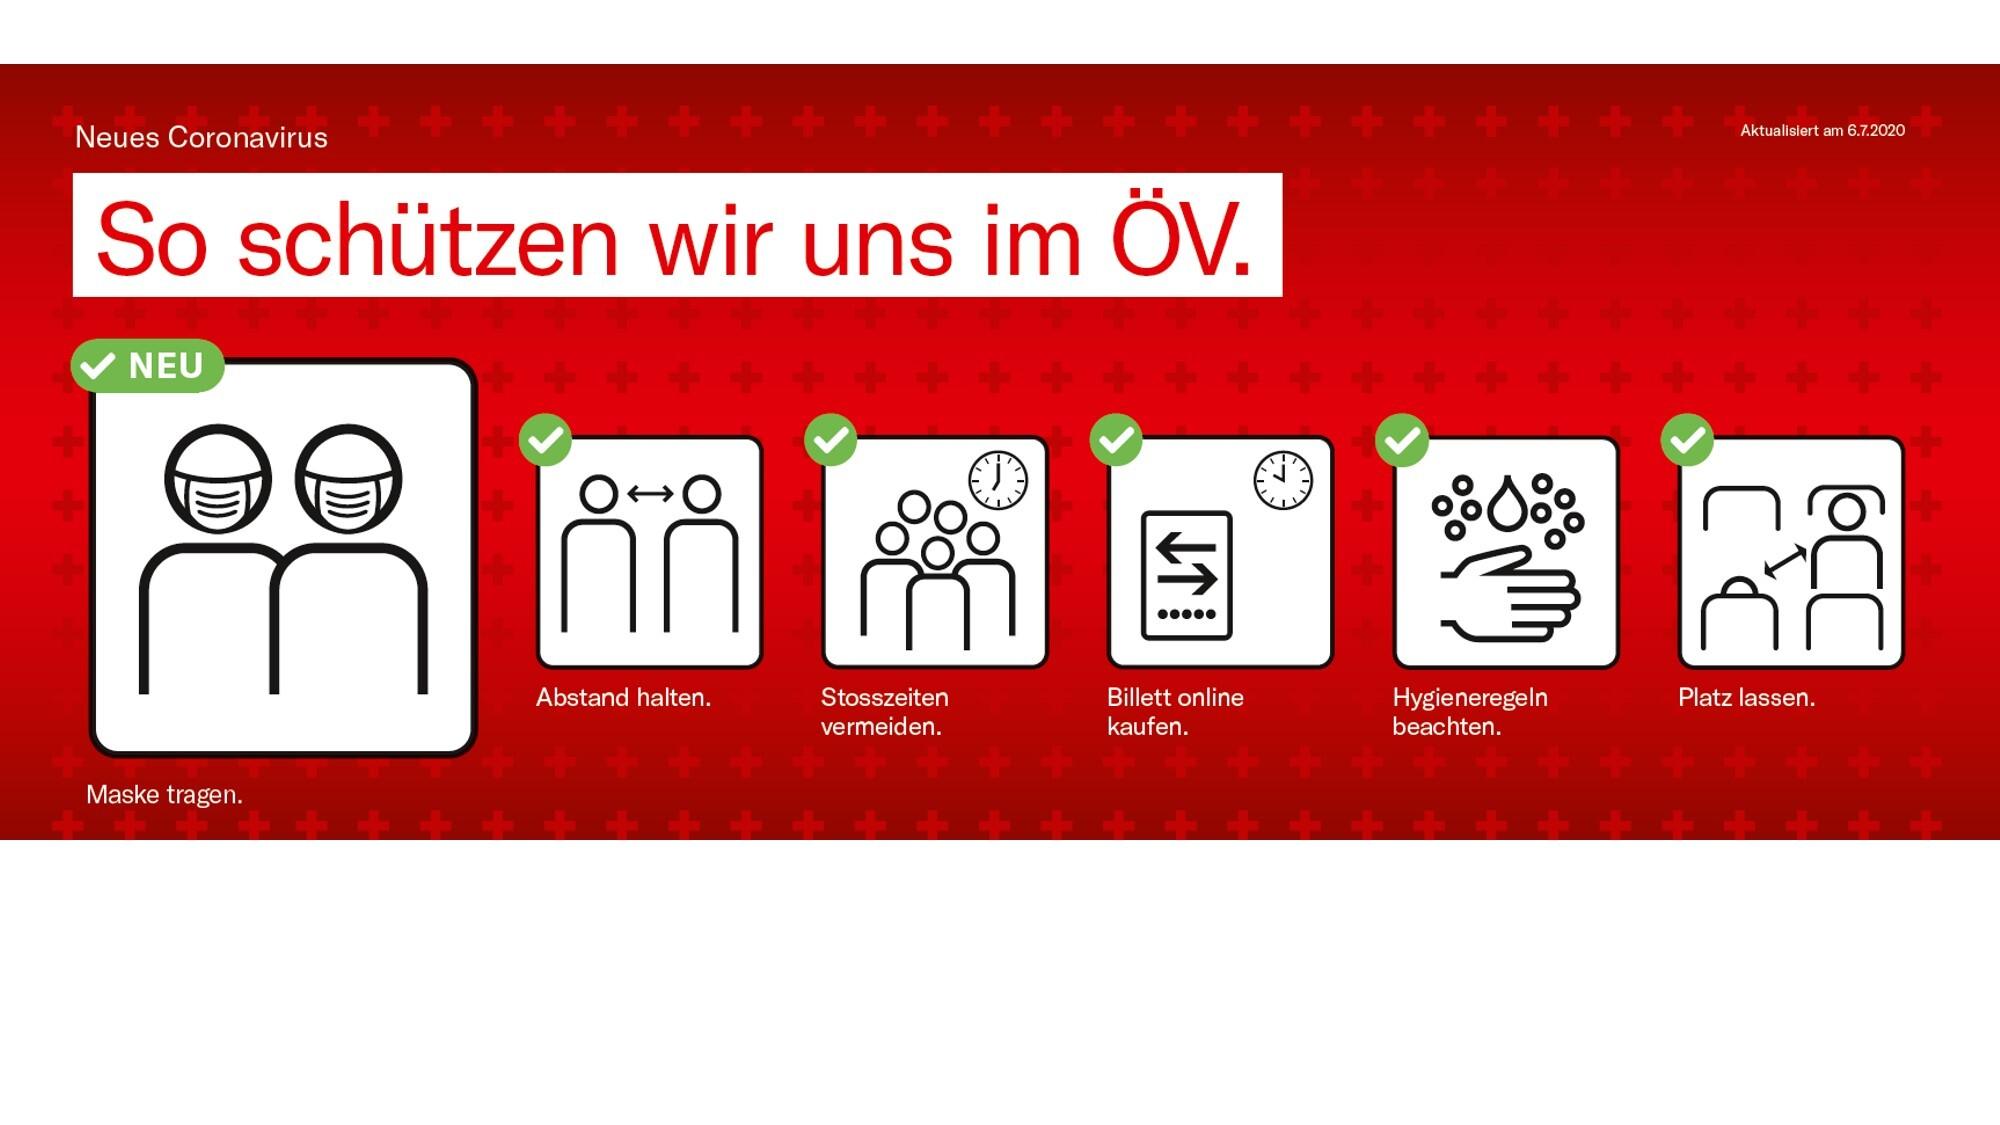 Coronavirus: Masken tragen, sich und Mitreisende schützen - Oensingen-Balsthal-Bahn AG